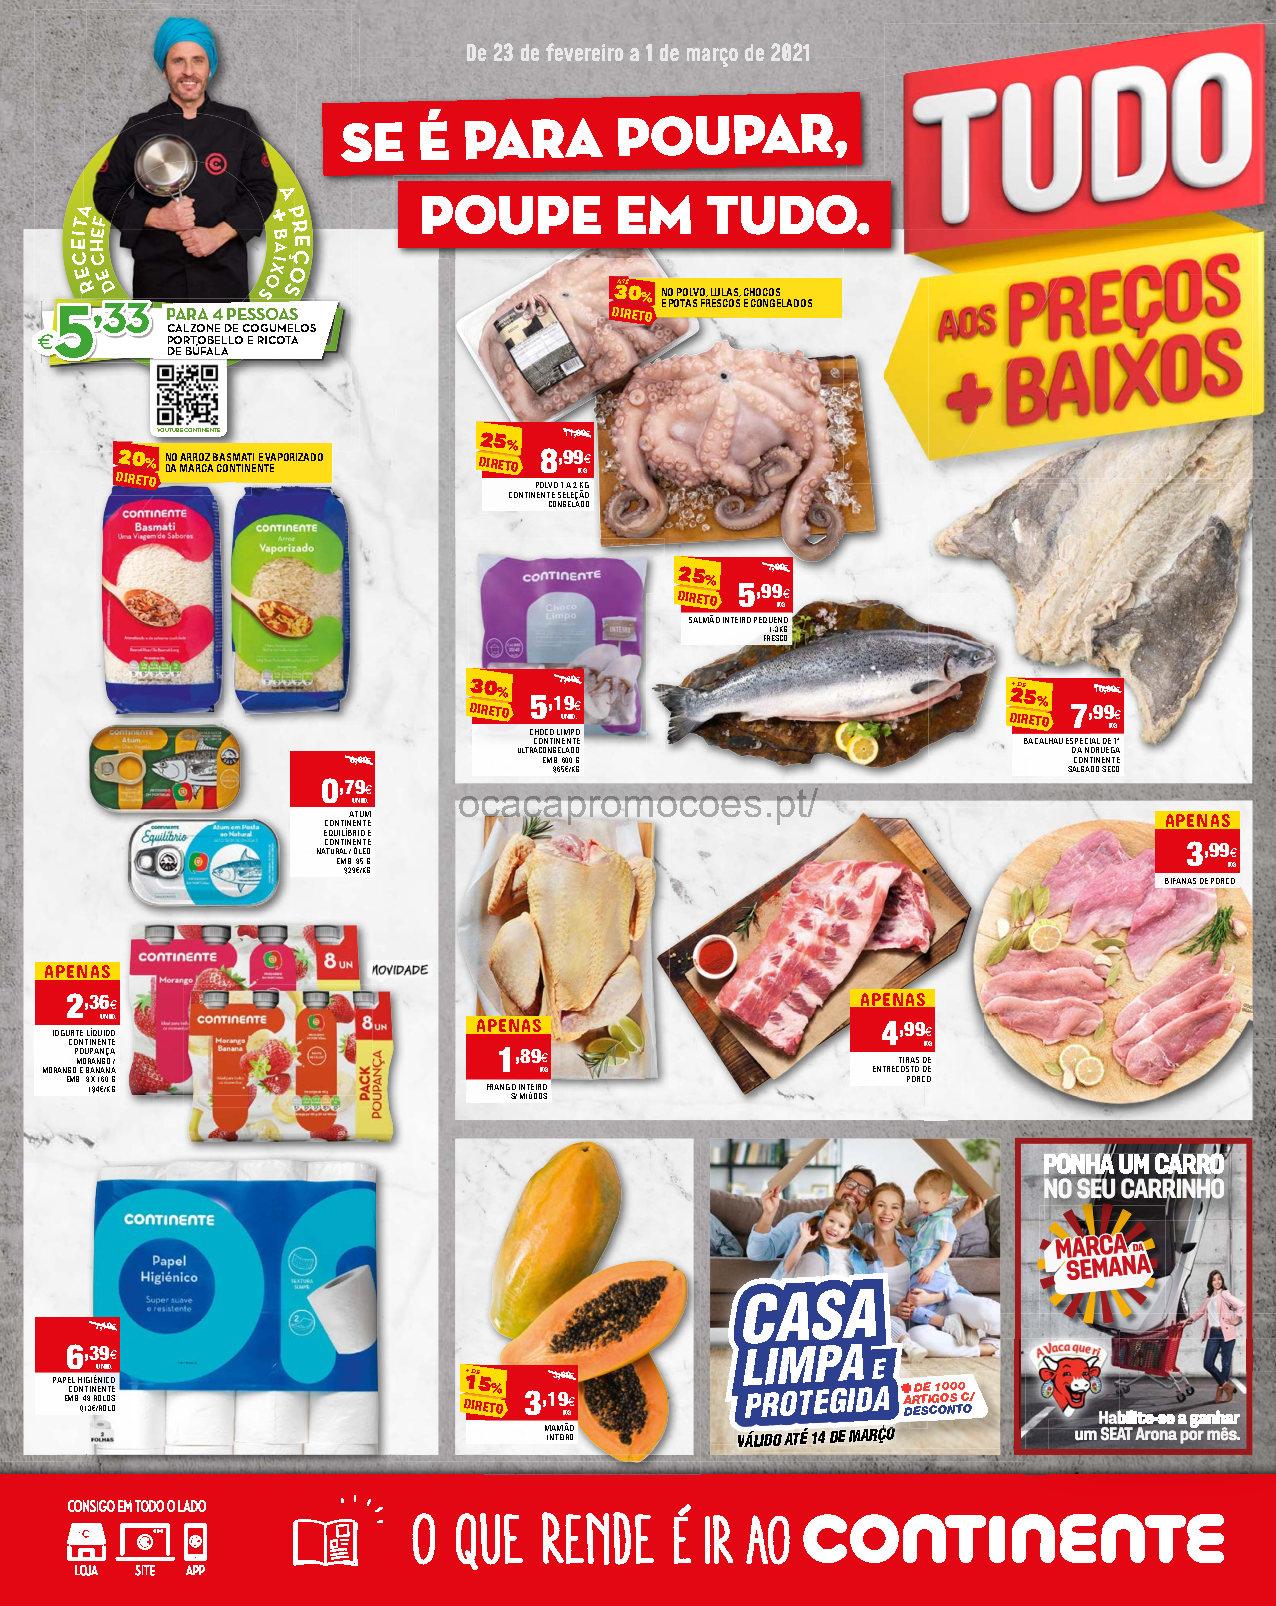 continente folheto 23 fevereiro madeira Page1